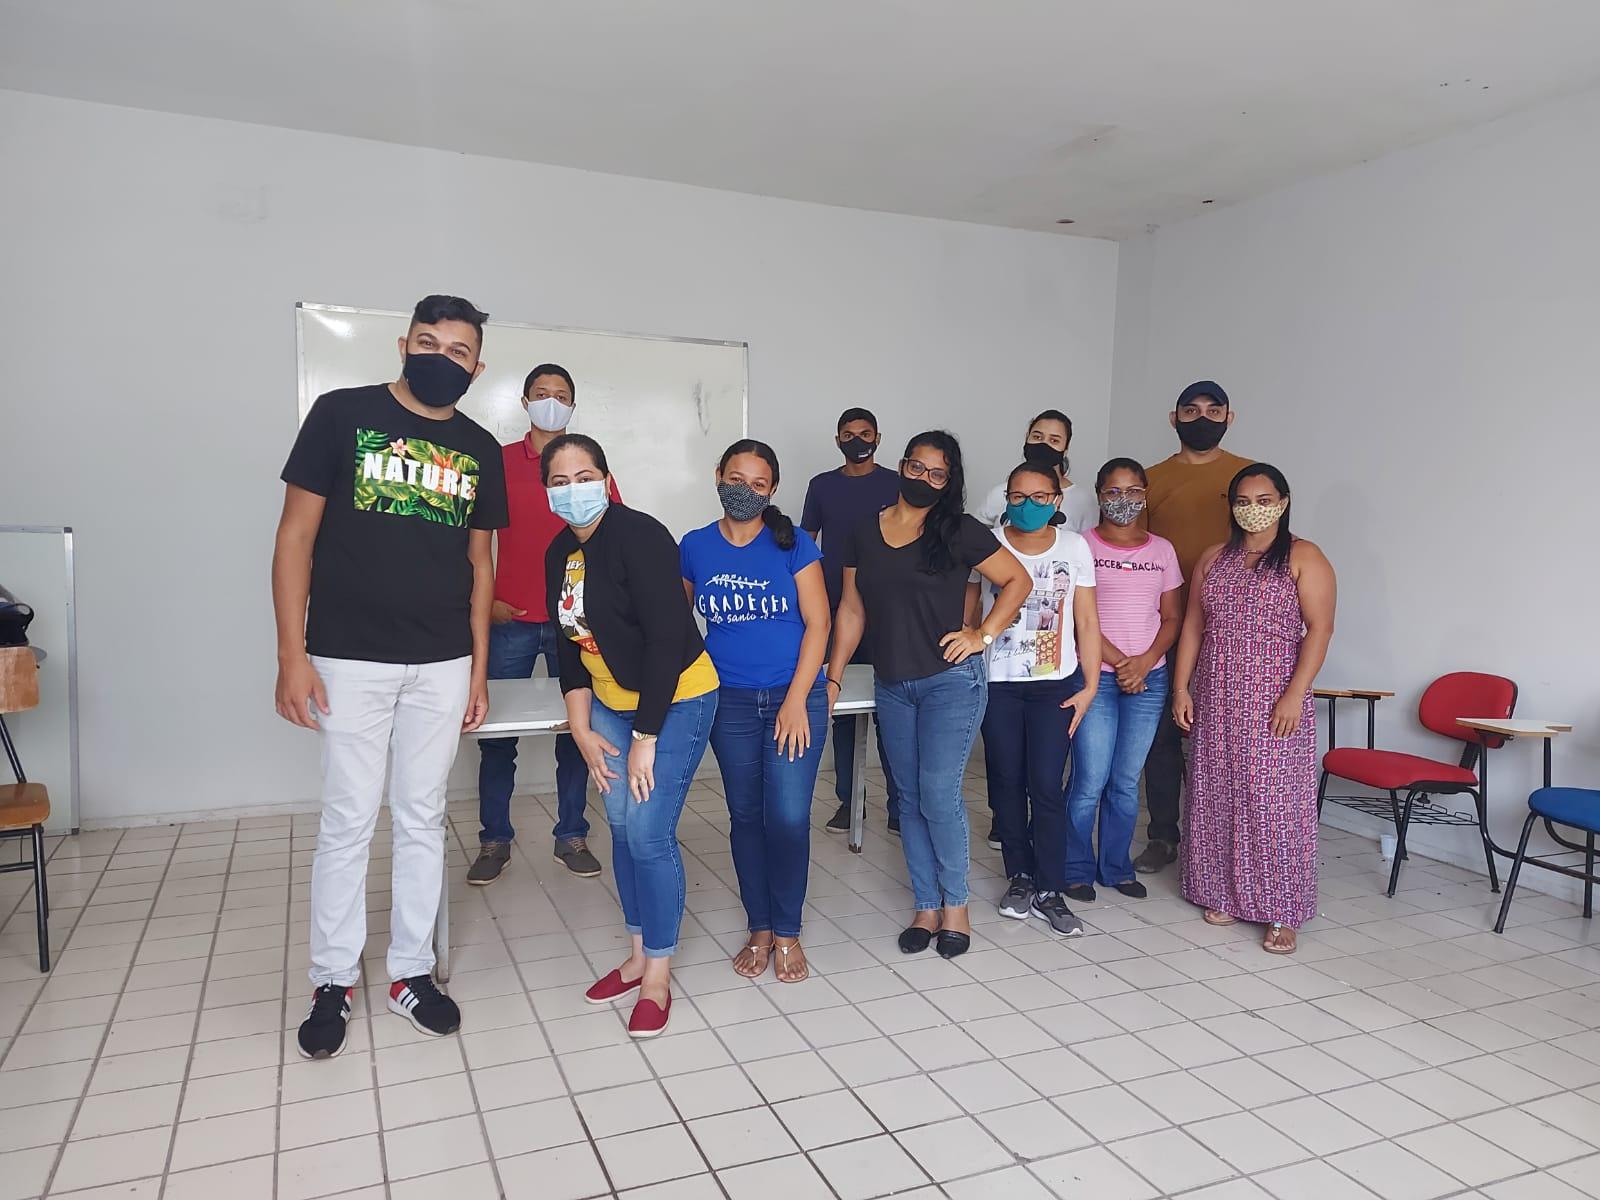 Desde o início do mês de julho, a Fundação Wall Ferraz vem realizando reuniões nos centros de capacitação espalhados pelos bairros de Teresina - Foto: Ascom